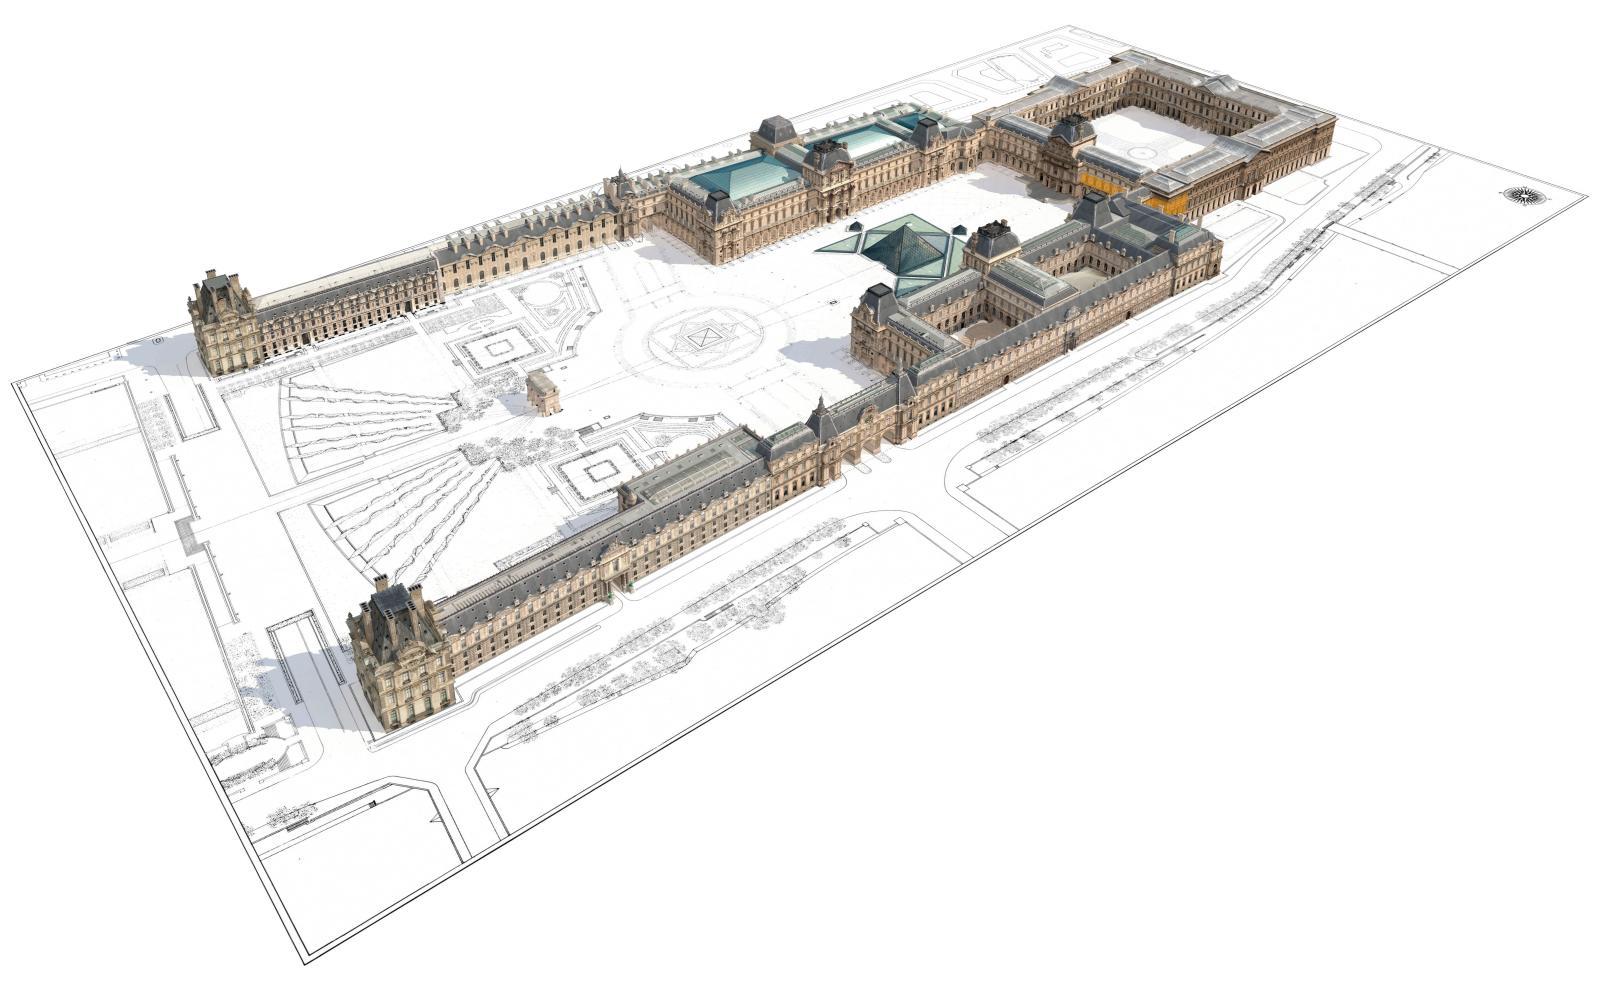 Sur la Cour carrée, où fut édifié le premier palais de la Renaissance, à partir du pavillon de l'Horloge, colorisées en orange, la salle d